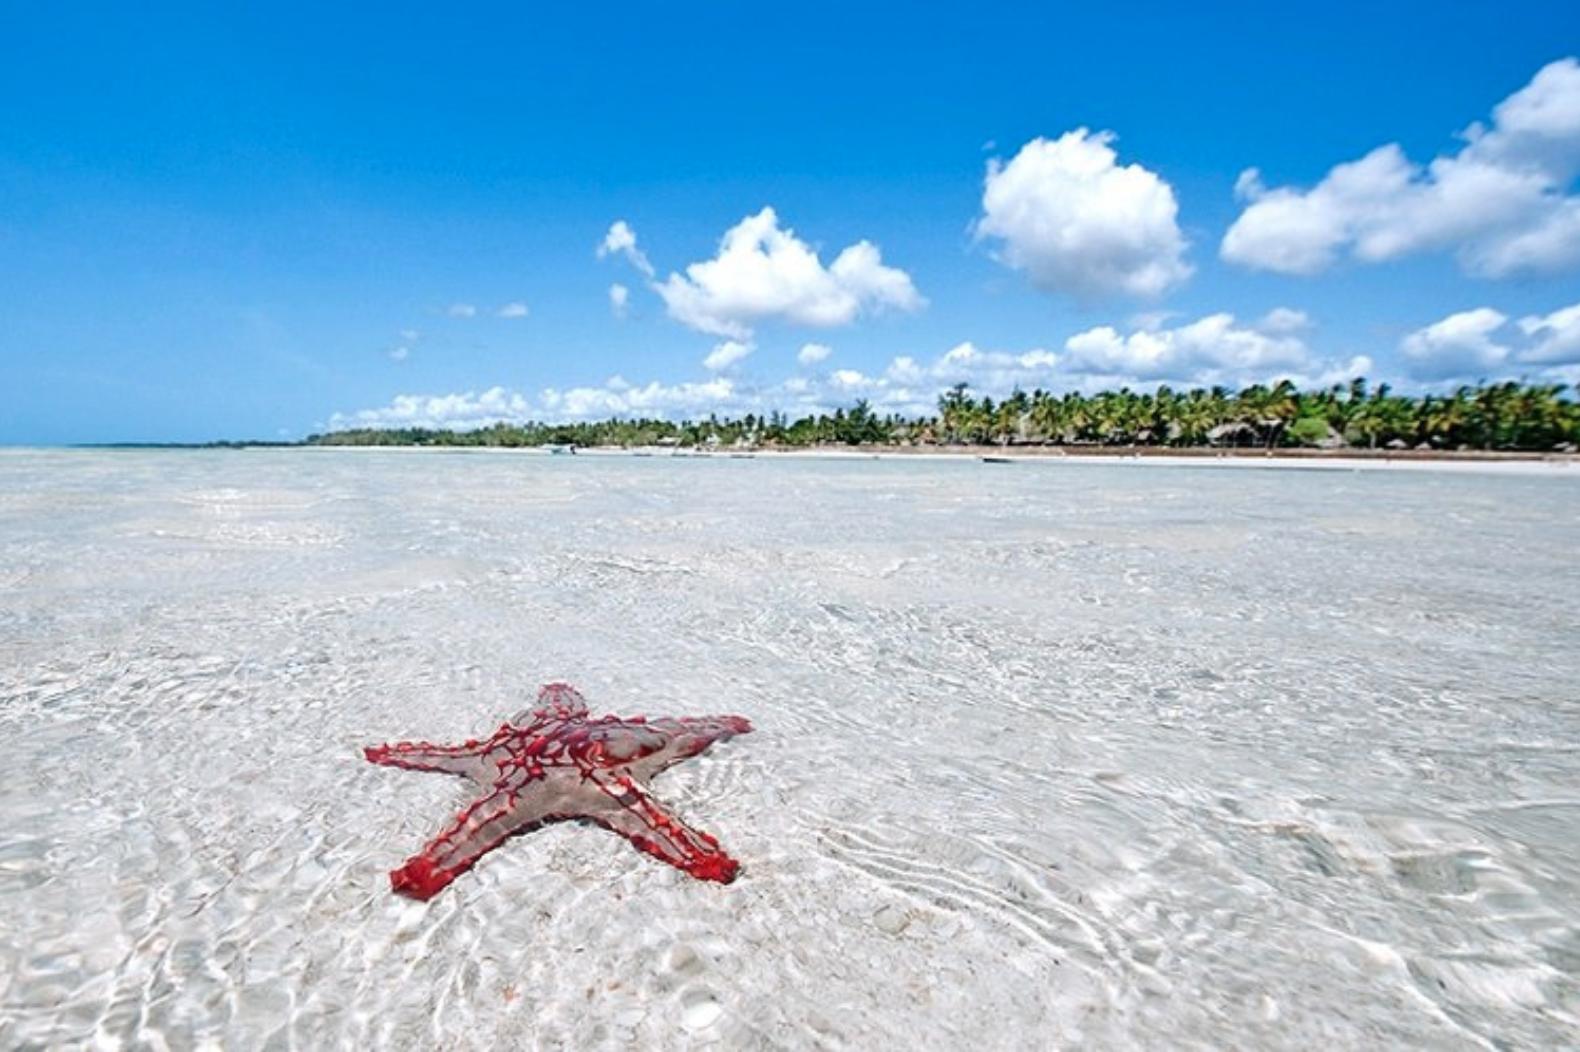 vacanze invernali vacanza al mare watamy kenya